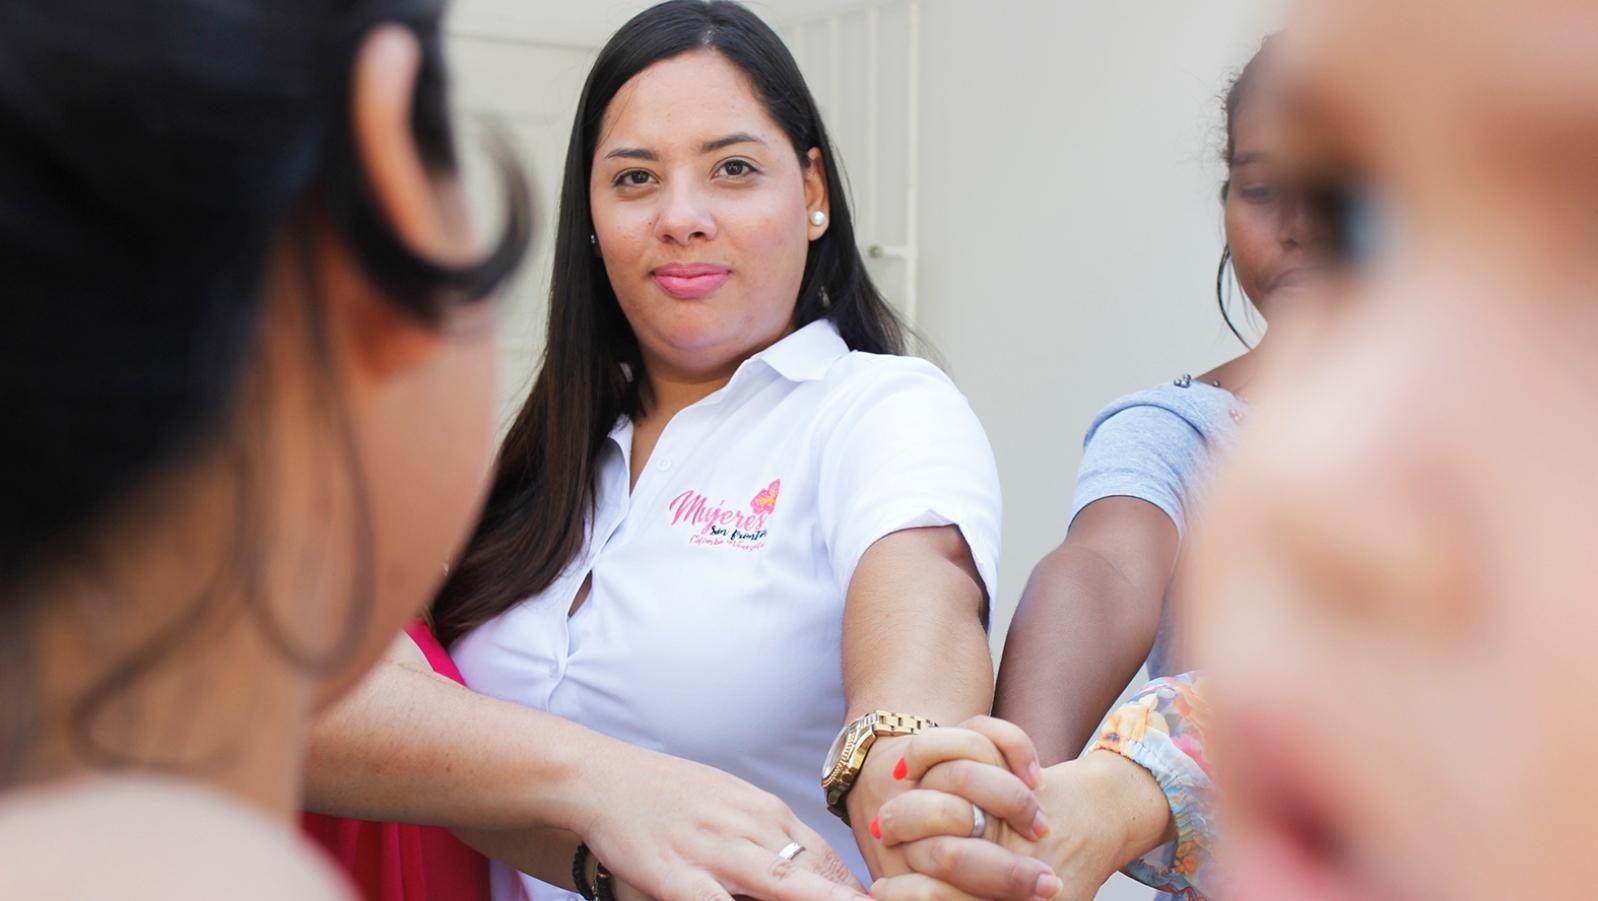 Sororidad migrante: la venezolana que trabaja por las mujeres en Barranquilla